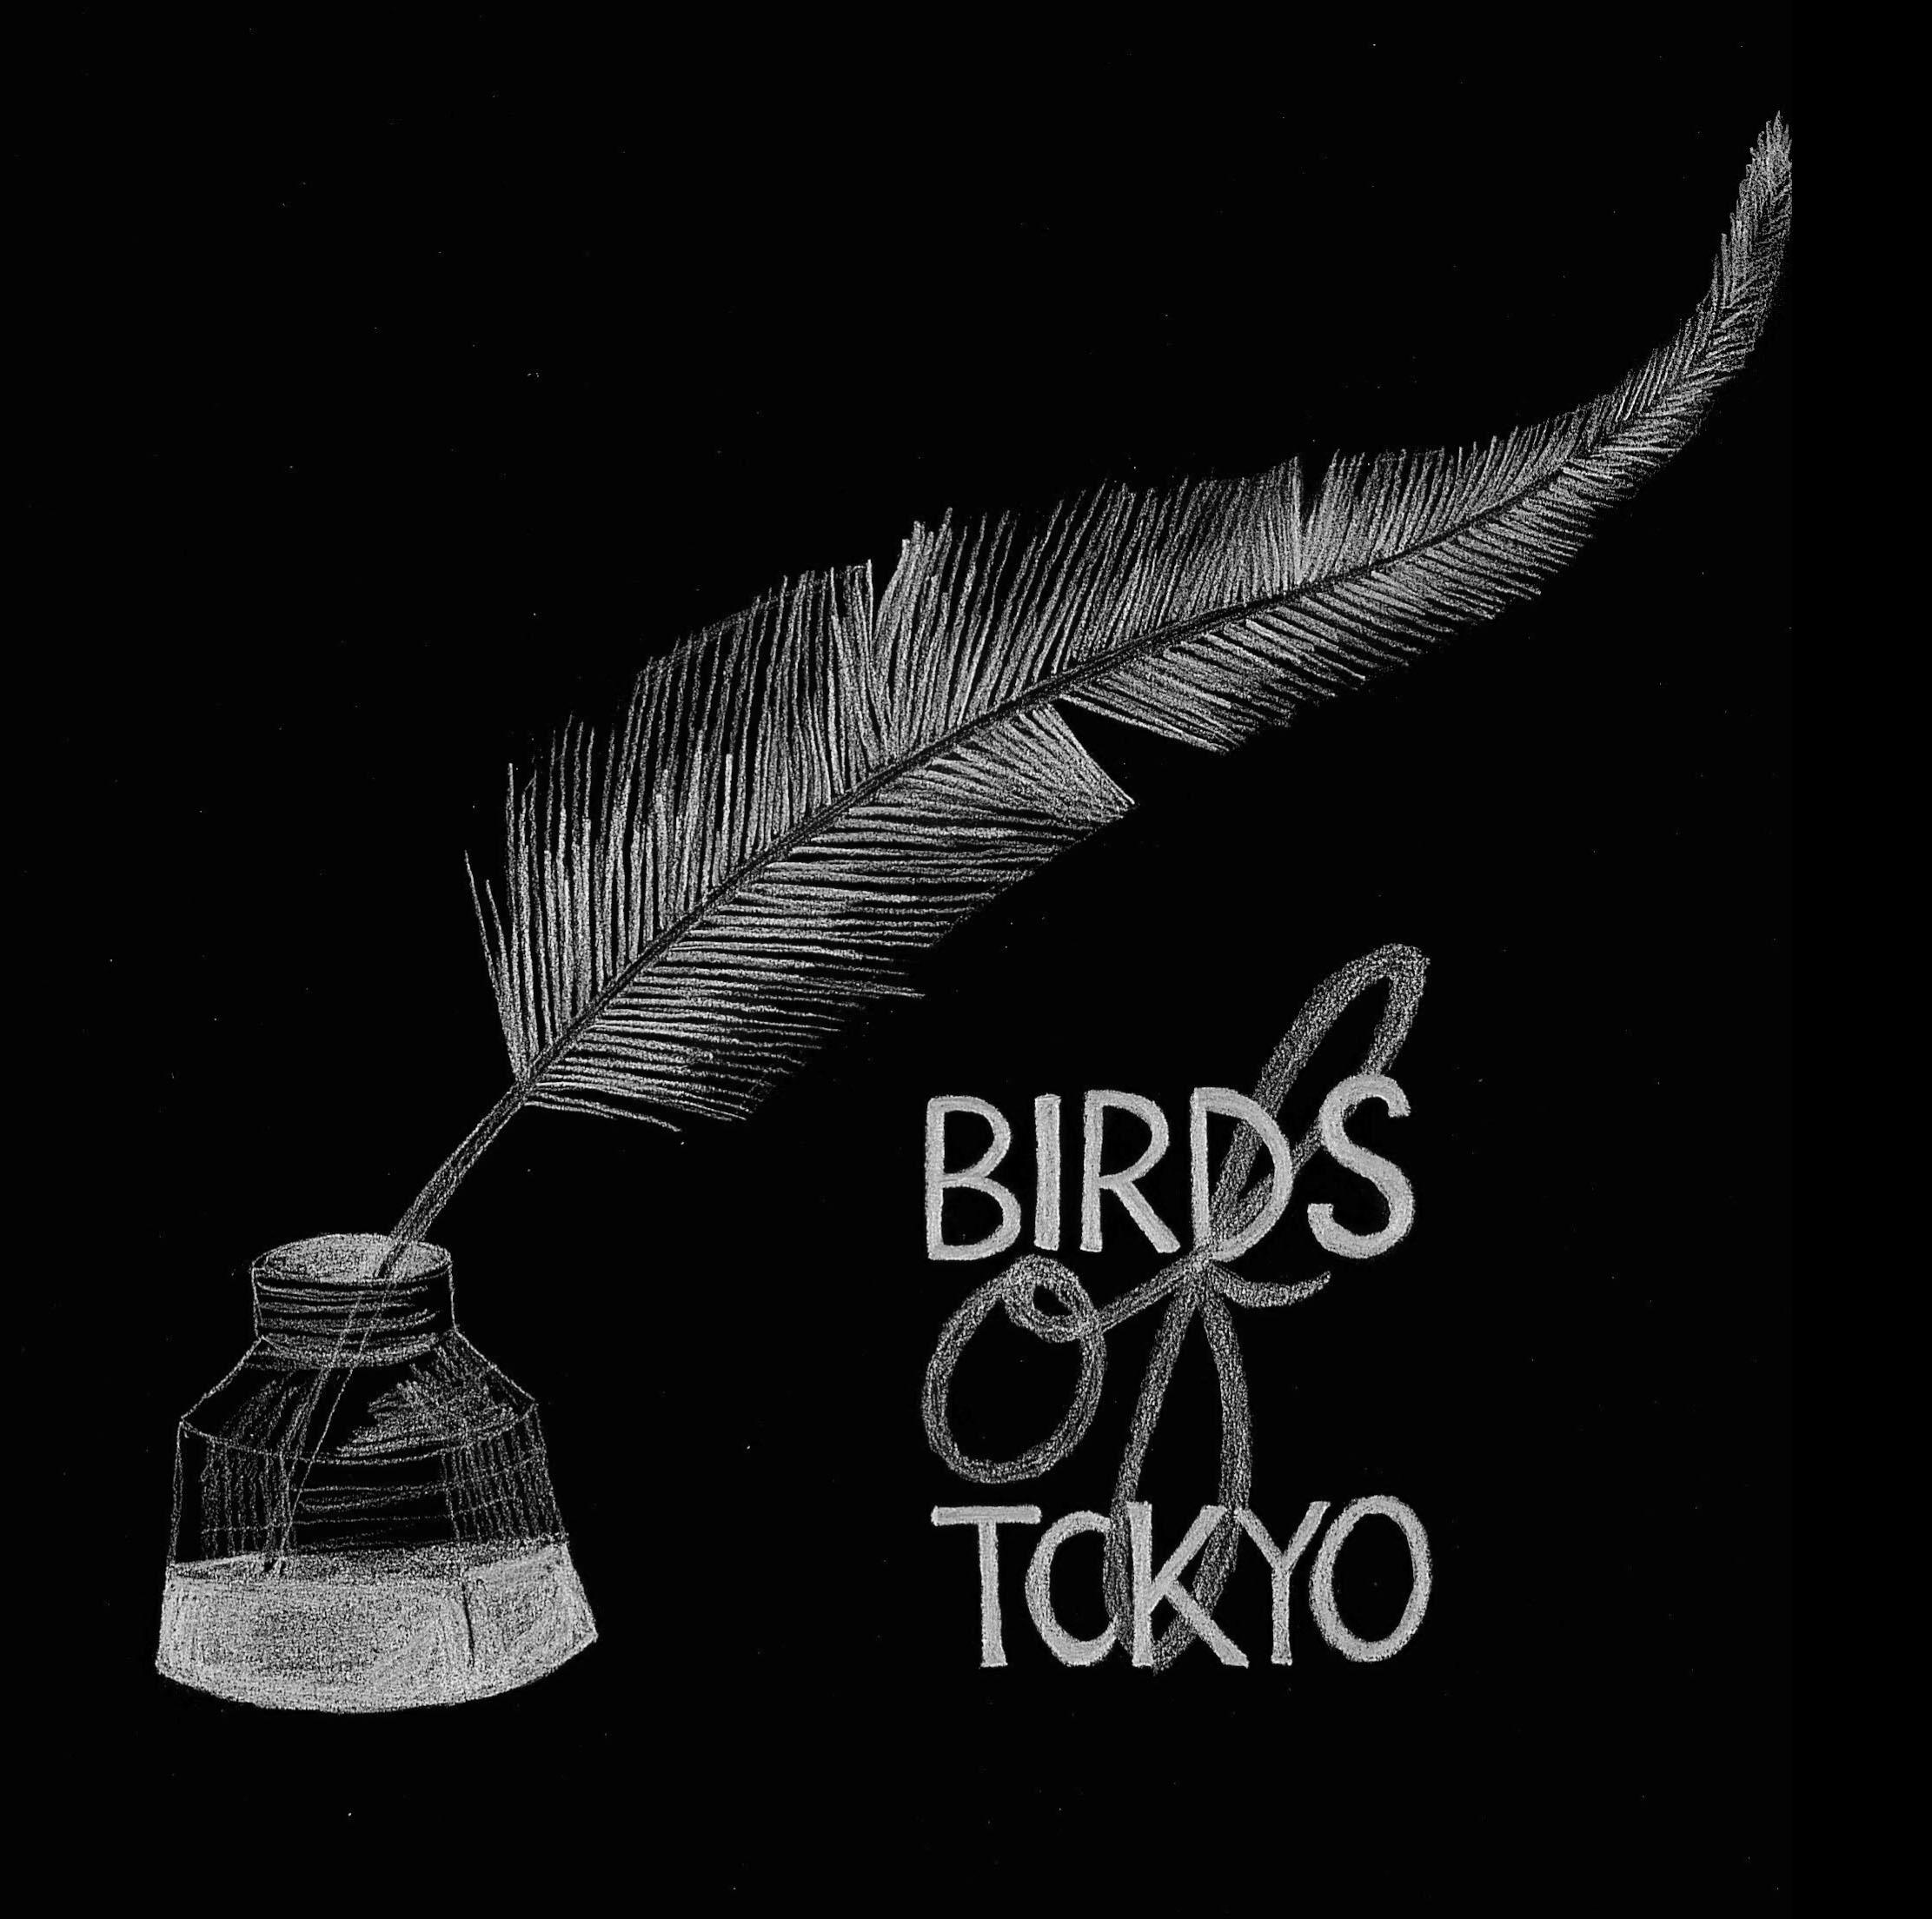 birdsoftokyo